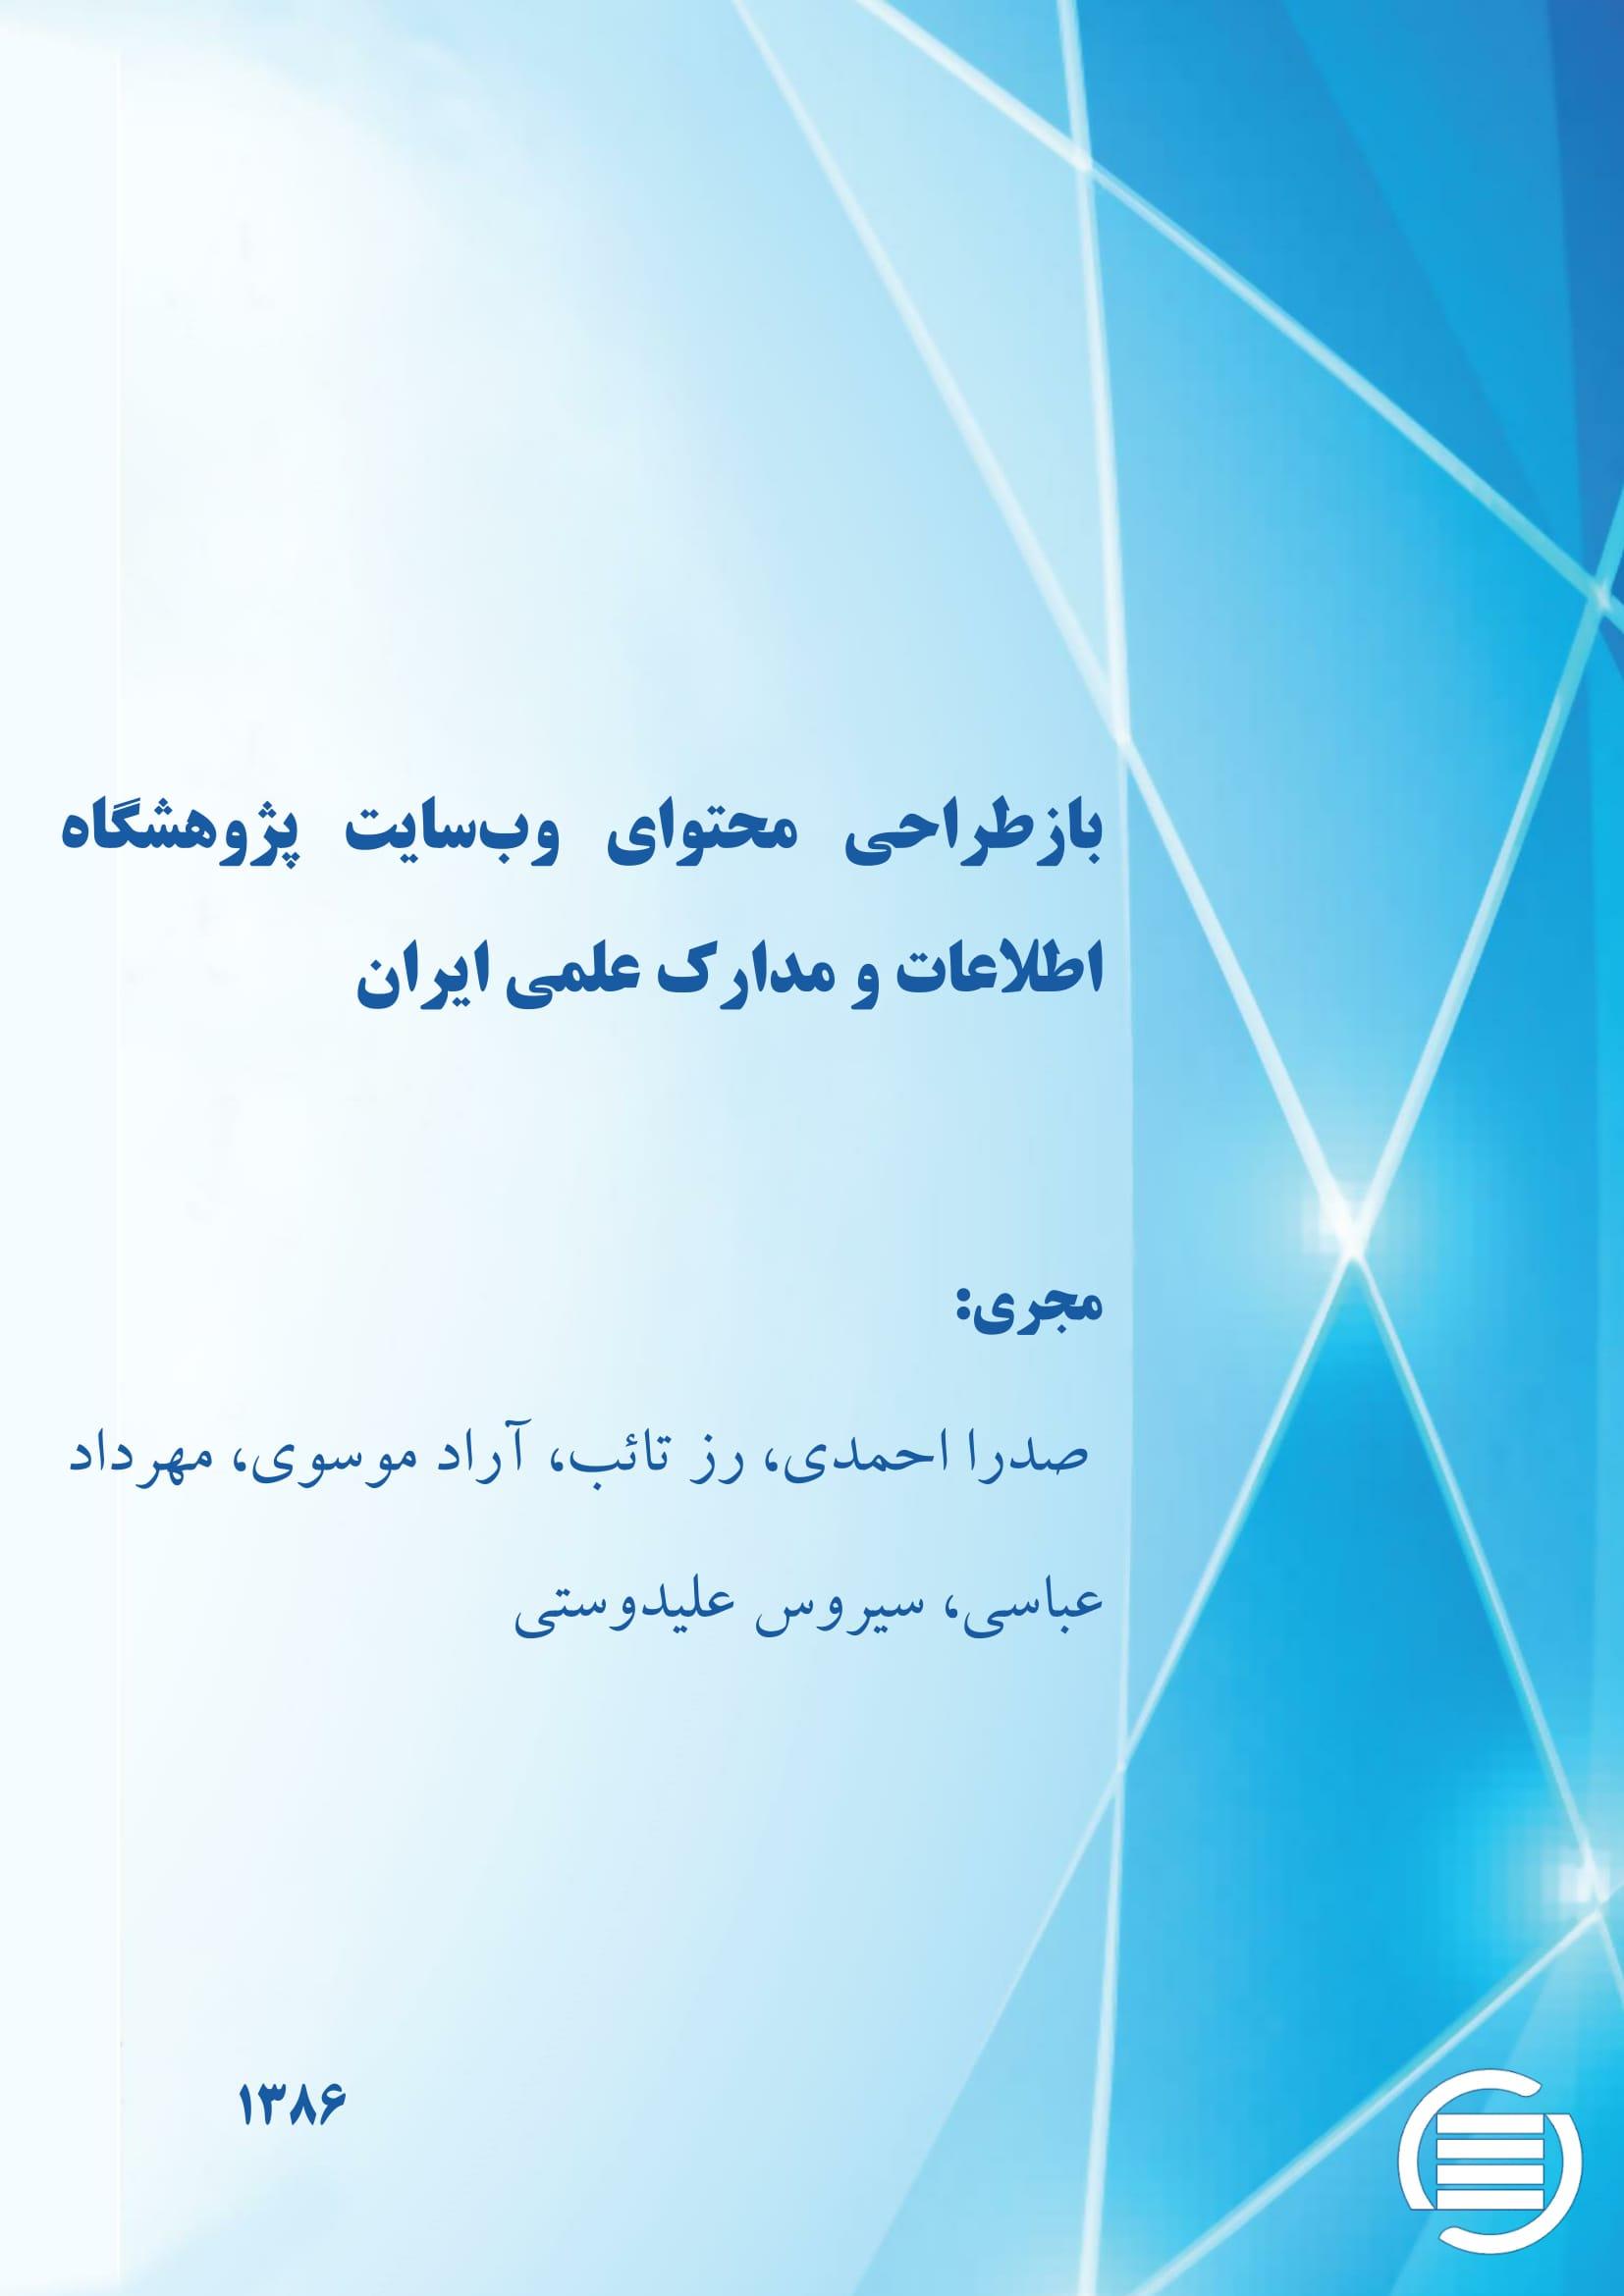 بازطراحی محتوای وبسایت پژوهشگاه اطلاعات و مدارک علمی ایران